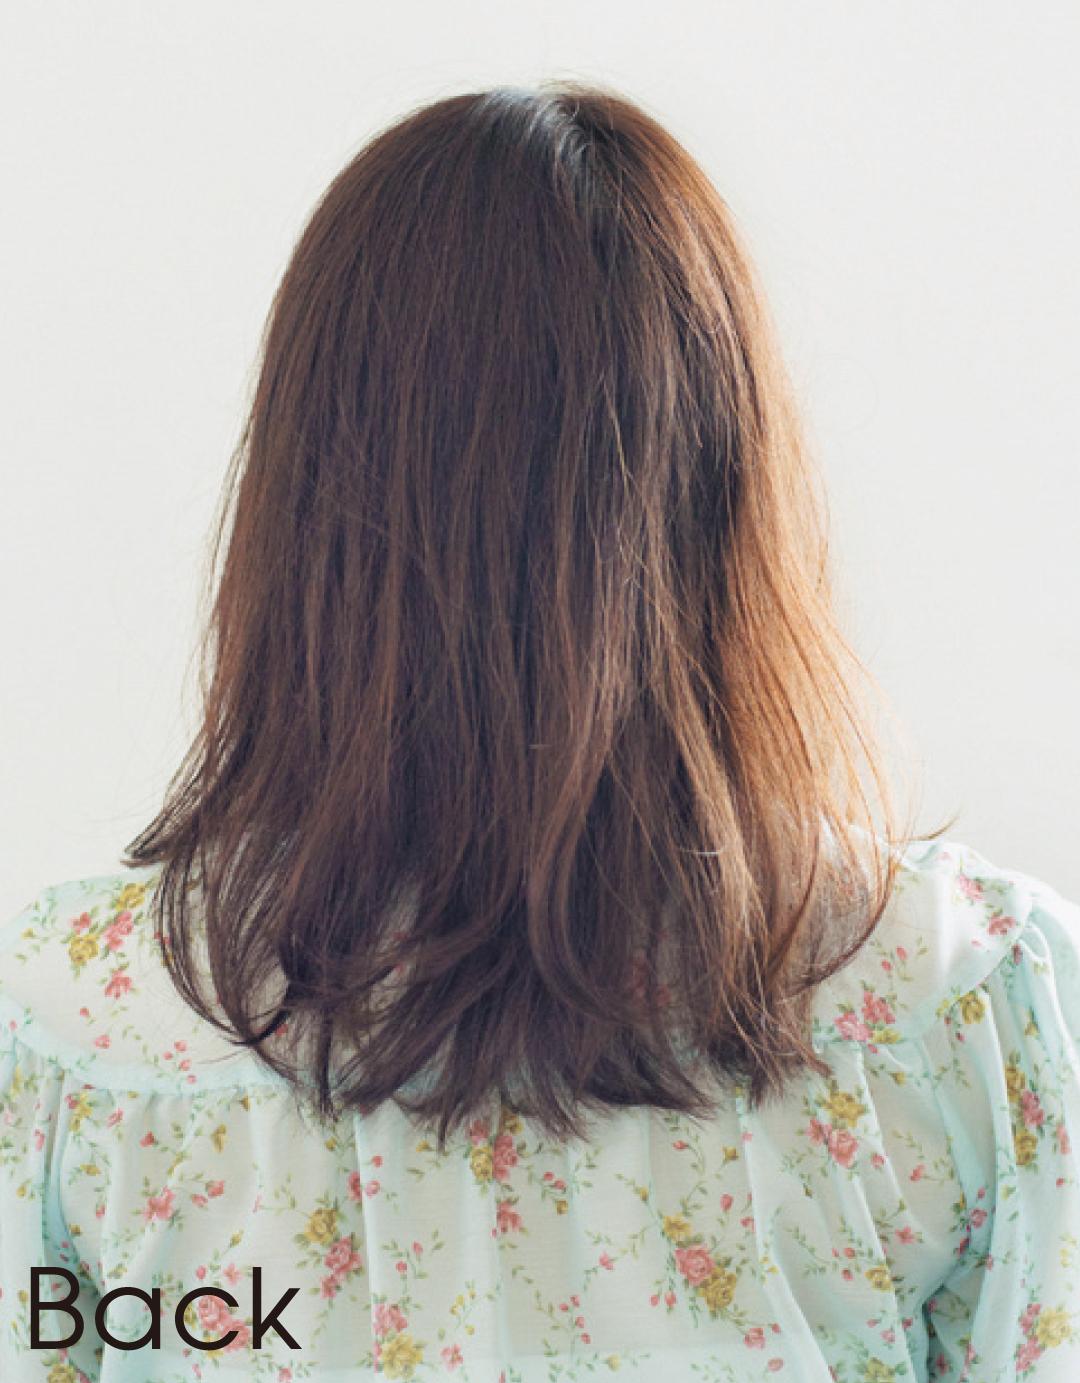 ぺたんこ髪でも、髪が多くてもOK! 石原さとみさん風ミディヘア見本帳_1_6-2